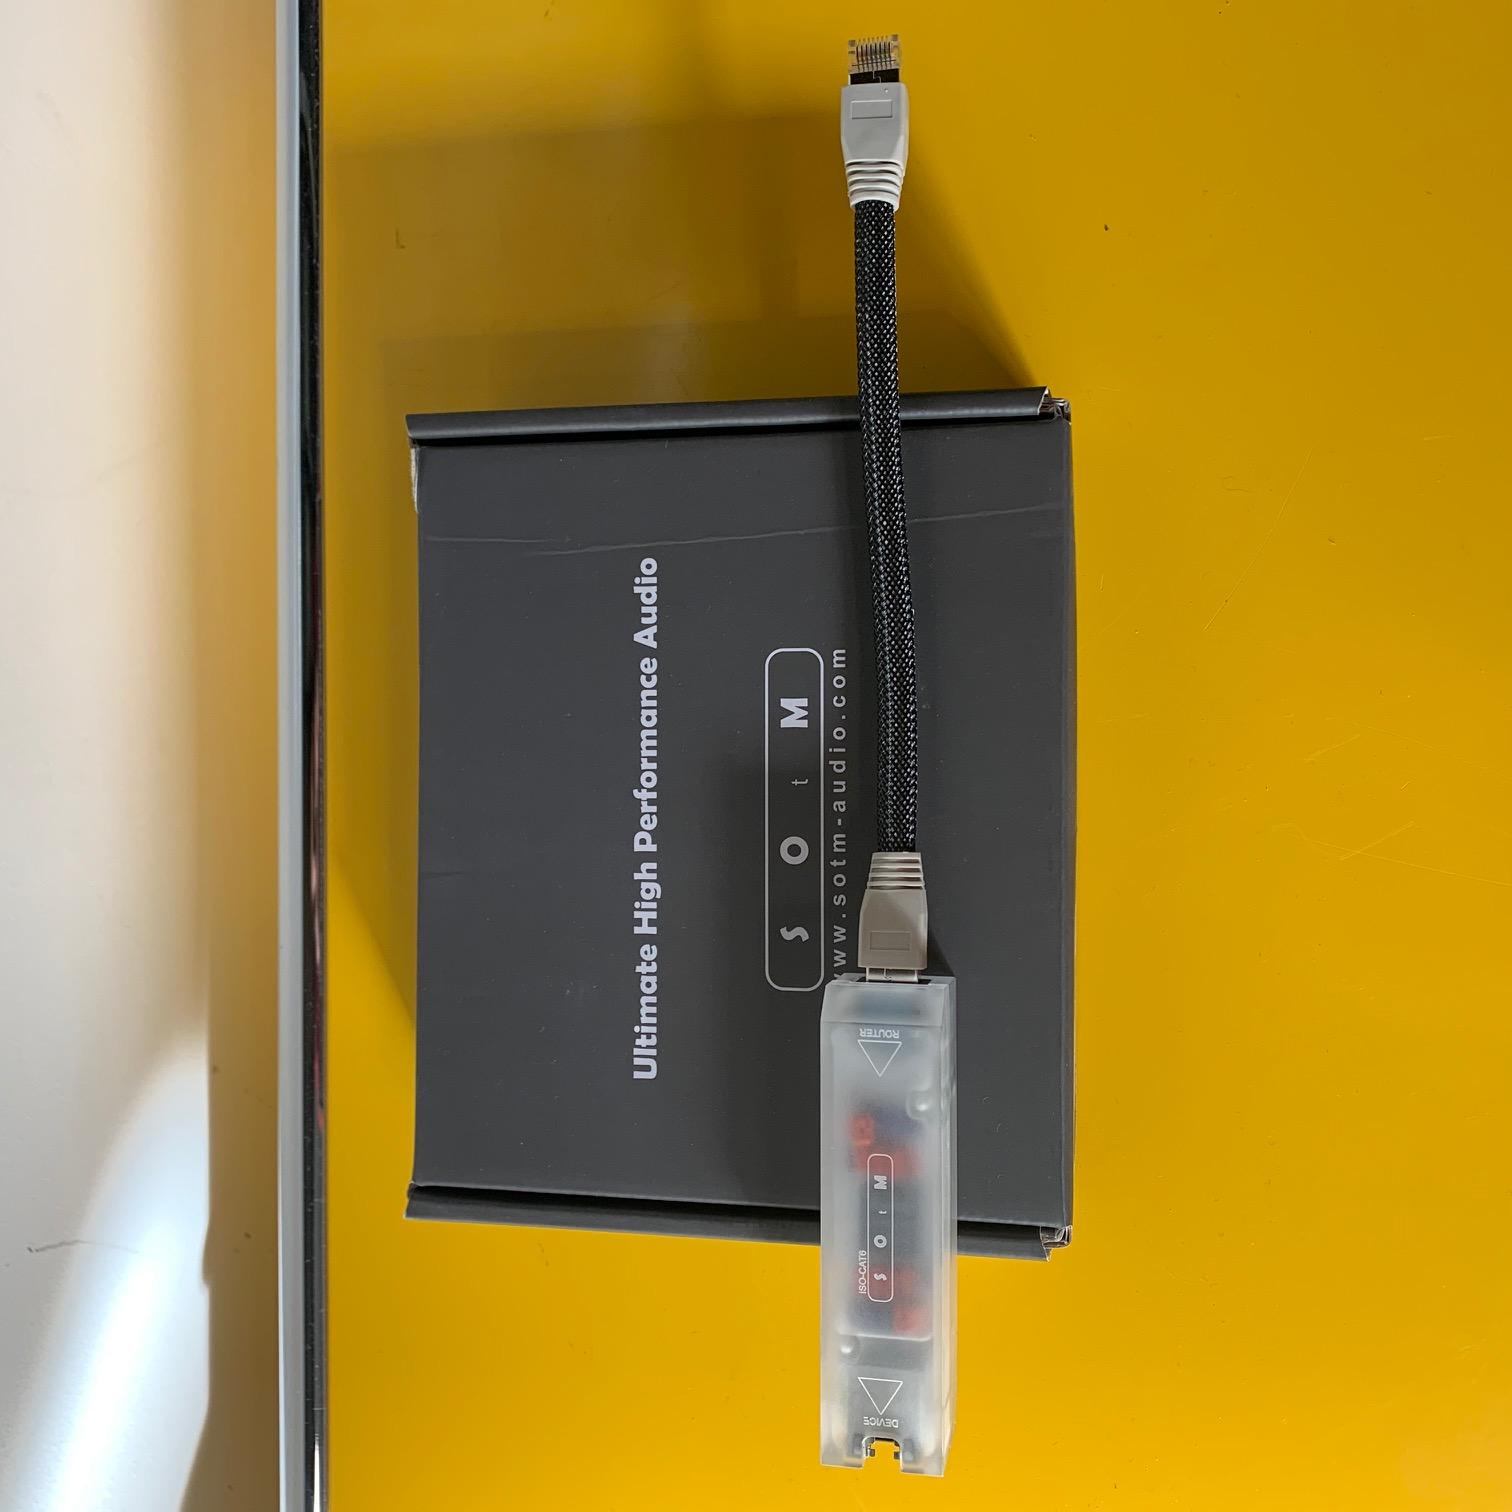 filtres réseau RJ45 ISO CAT6 SOTM